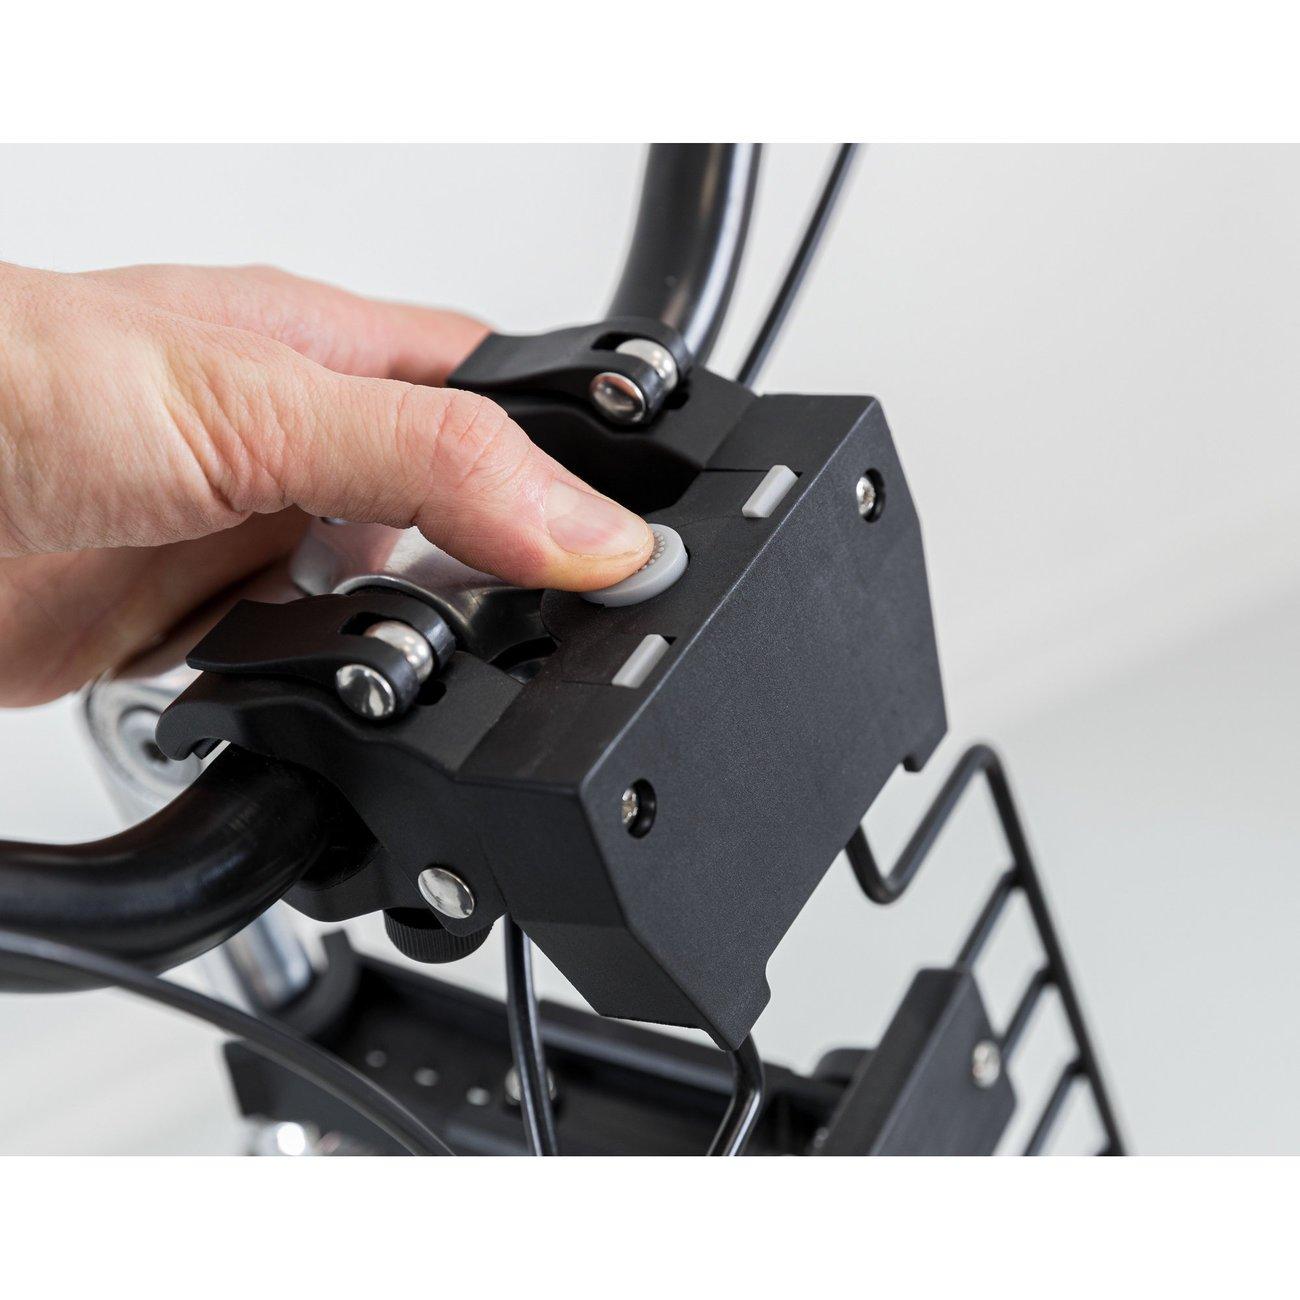 TRIXIE Lenker Front-Fahrradkorb für Hunde 13108, Bild 25